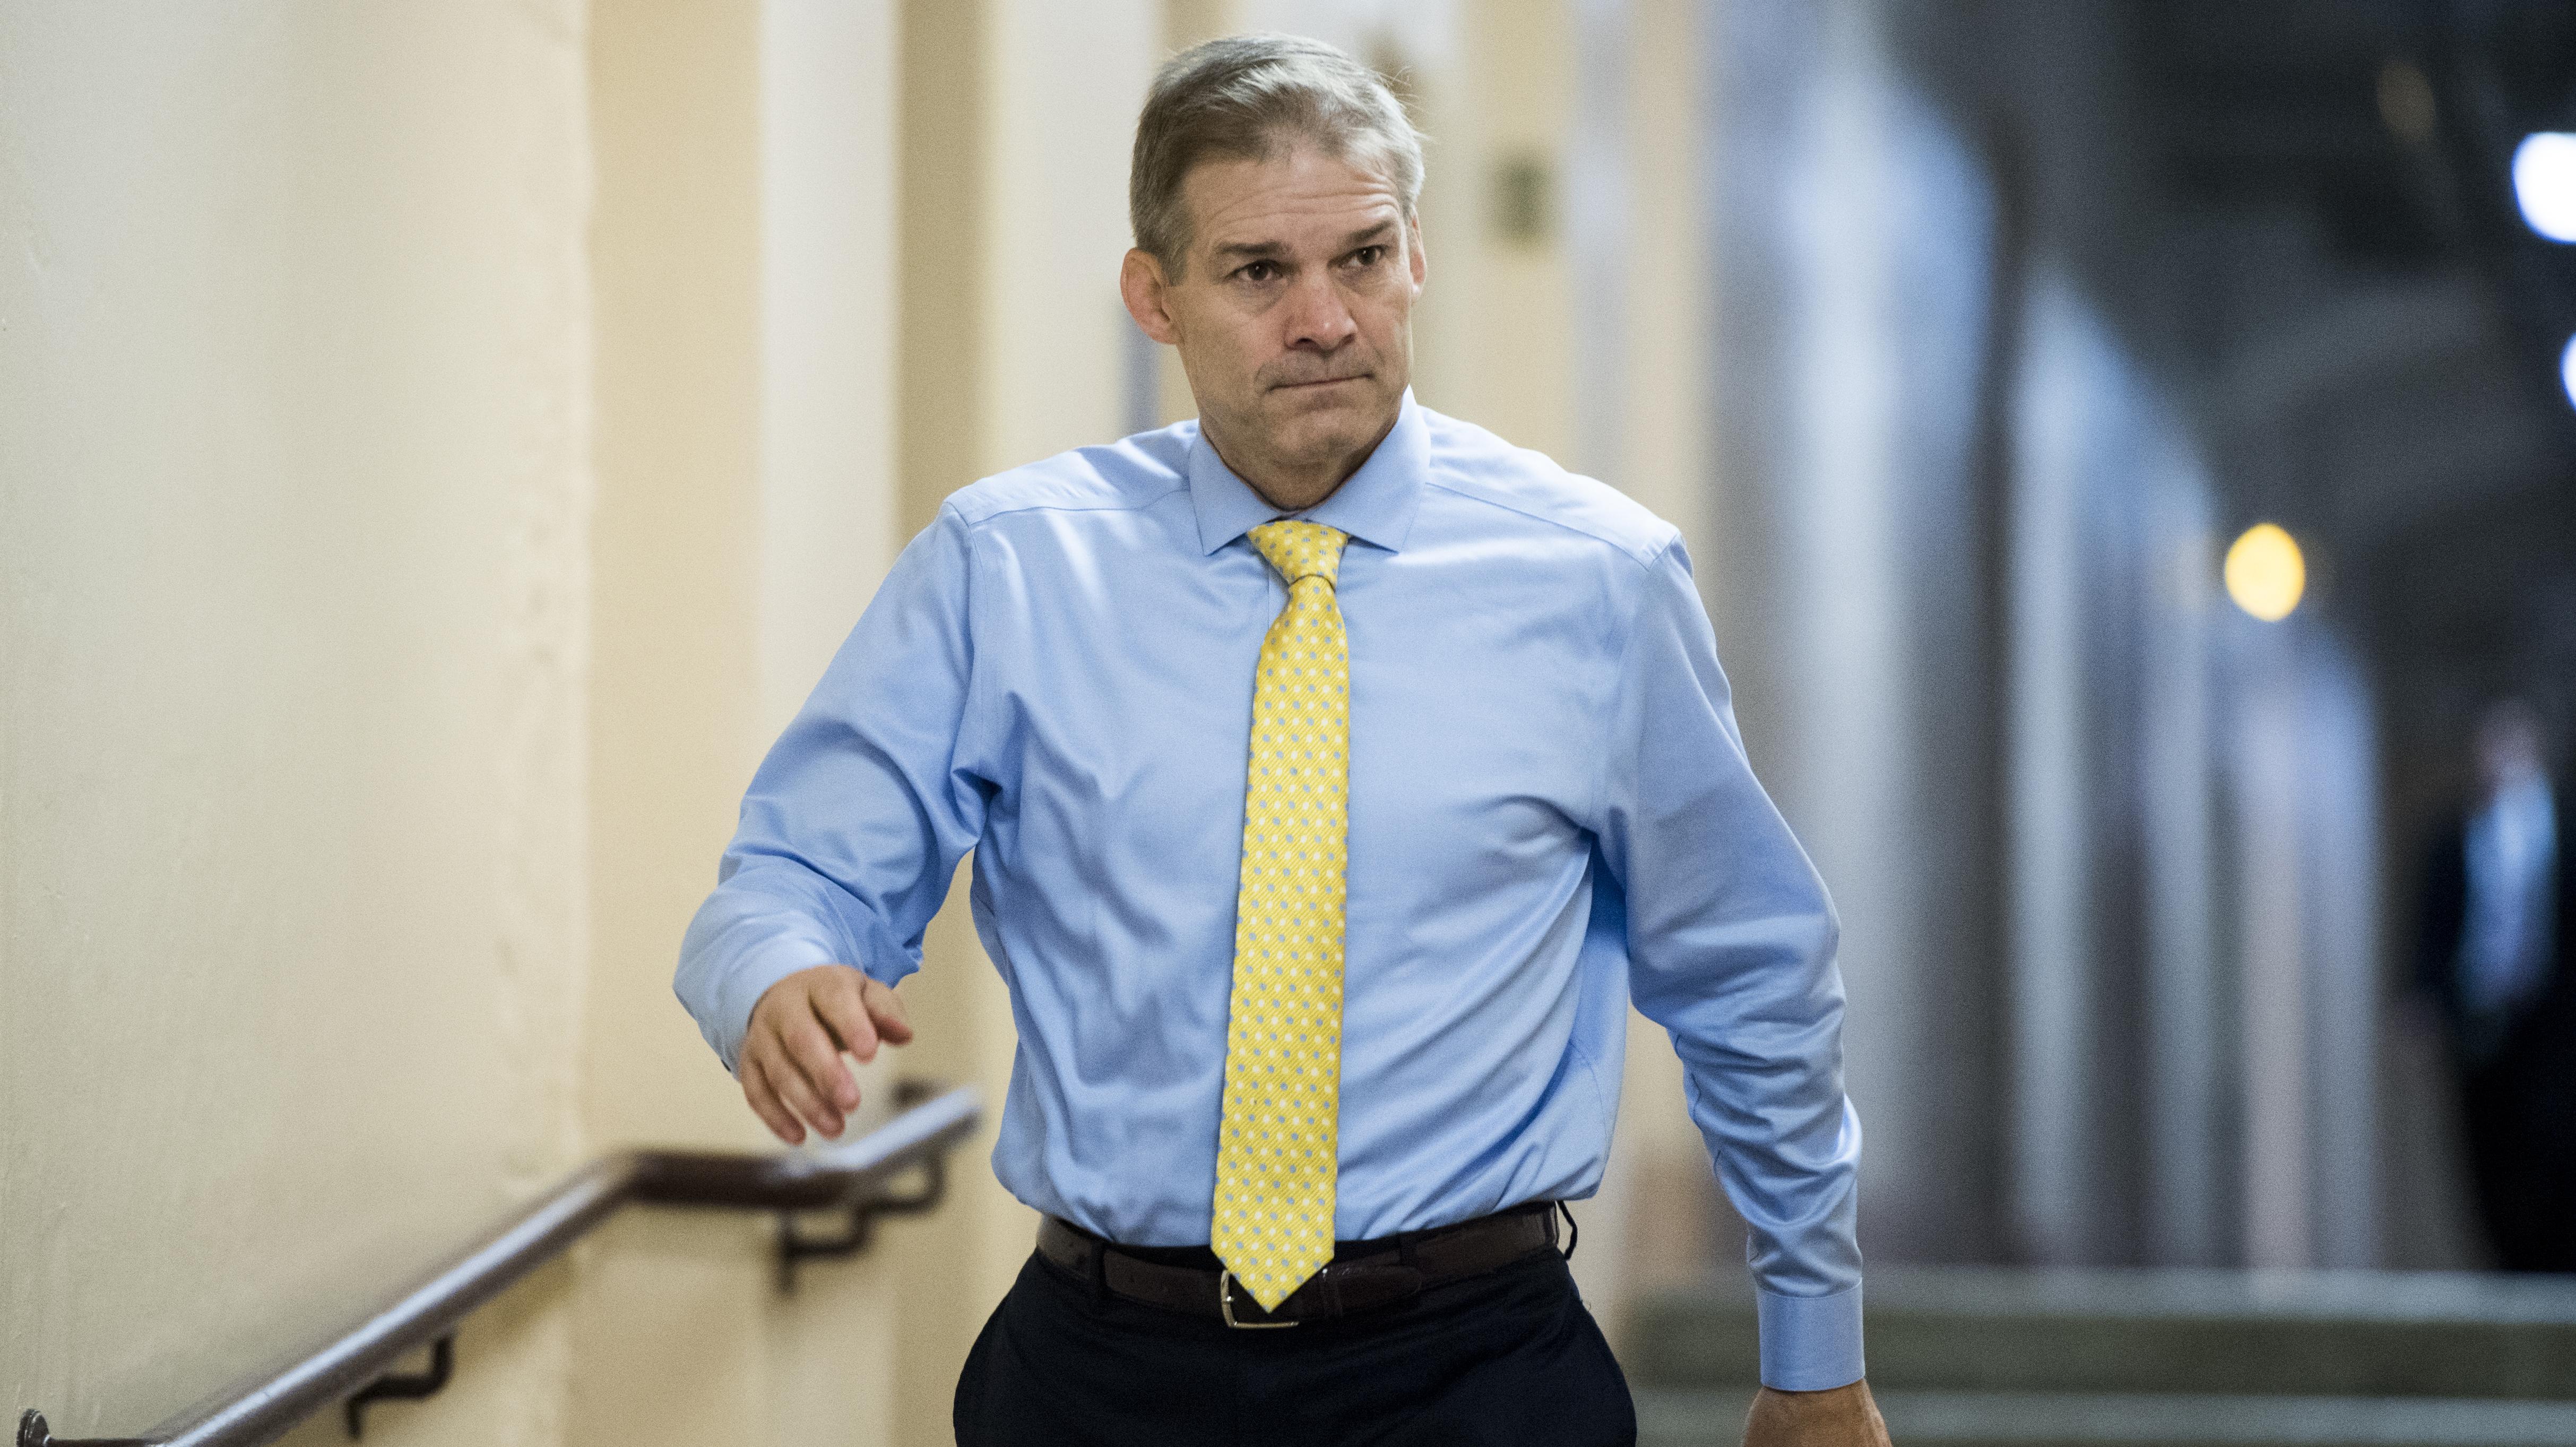 GOP Rep. Jim Jordan implicated in sexual abuse at Ohio